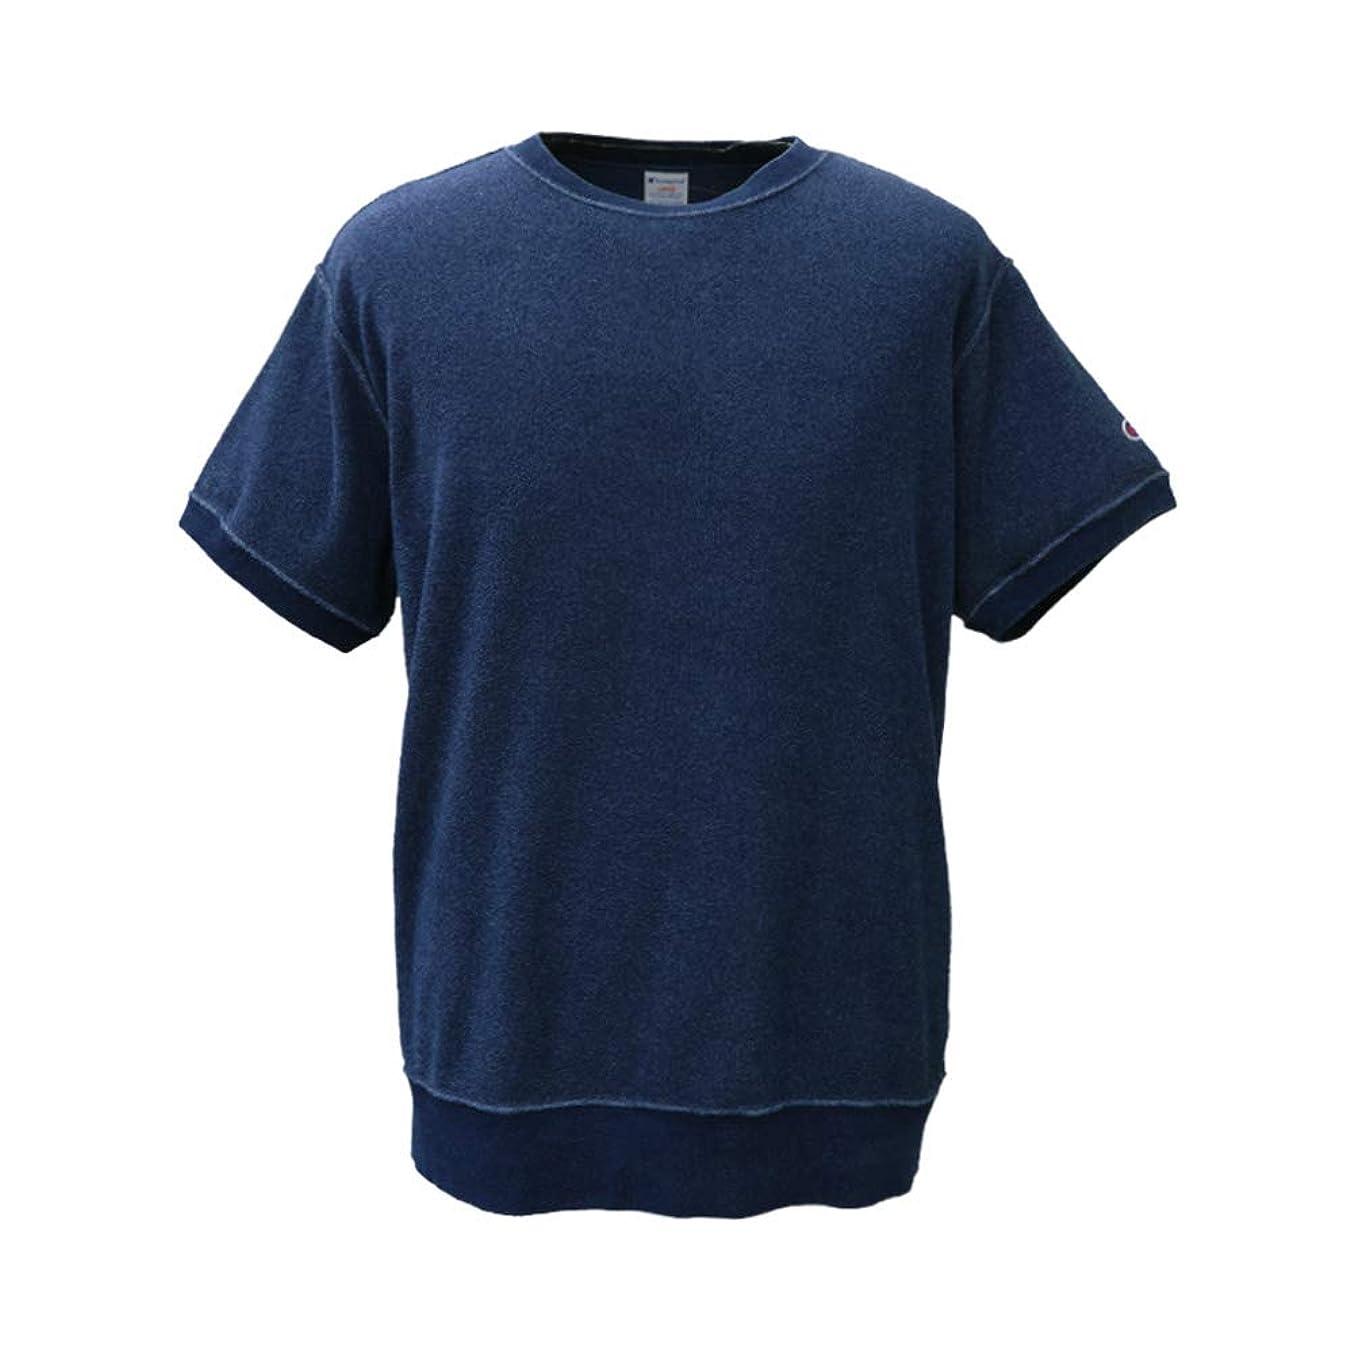 インレイポインタ系統的チャンピオン Tシャツ メンズ 上 Champion 半袖 パイル地 タオル地 スウェット